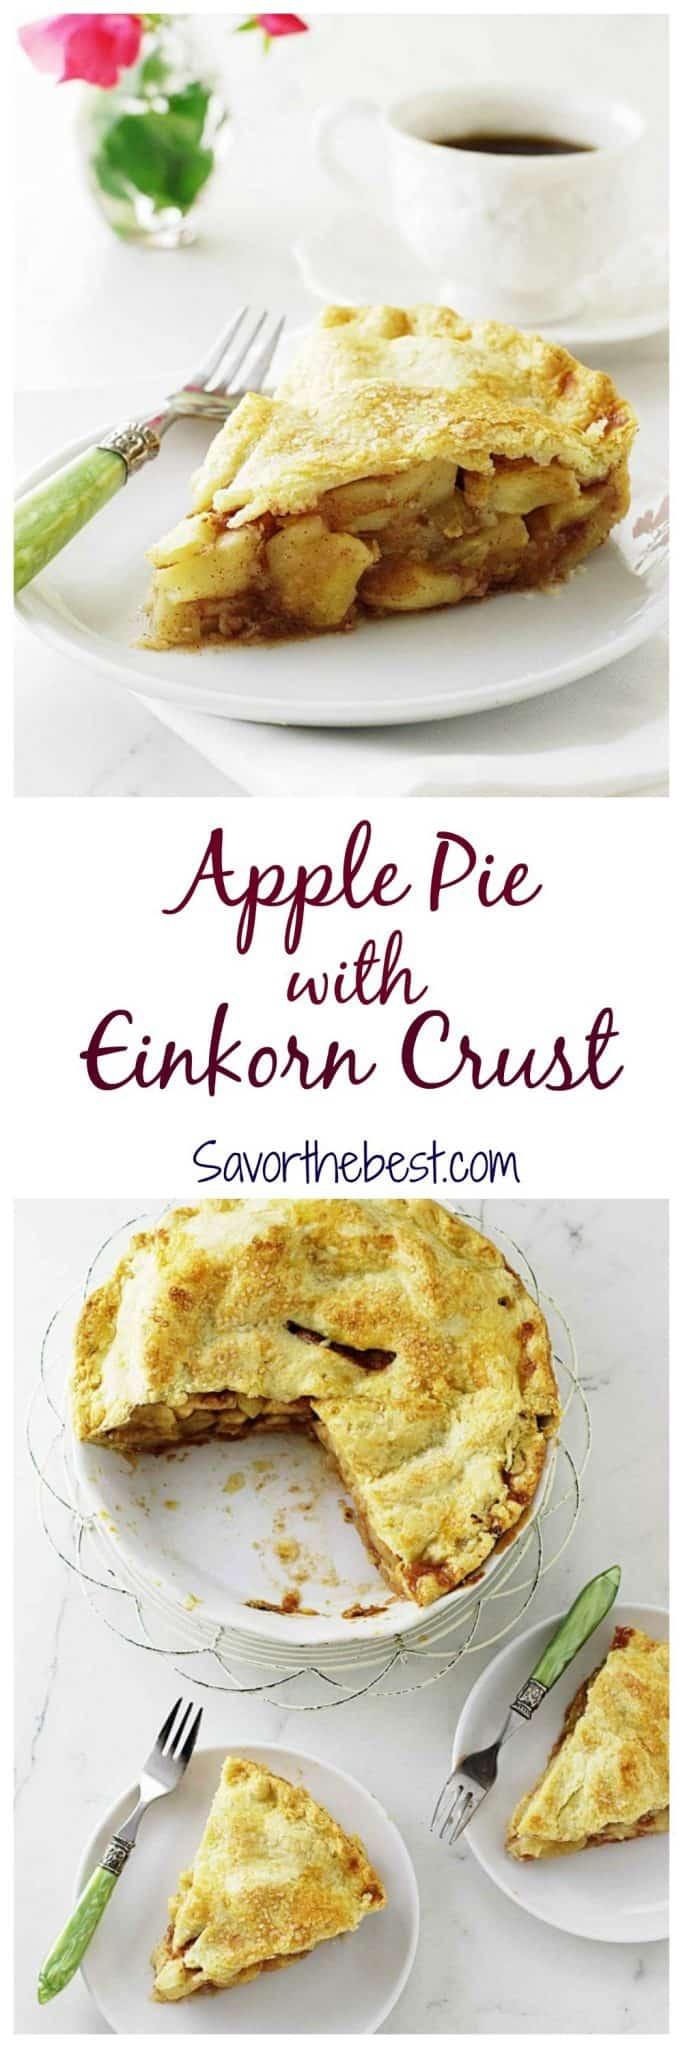 Apple Pie with Einkorn Crust